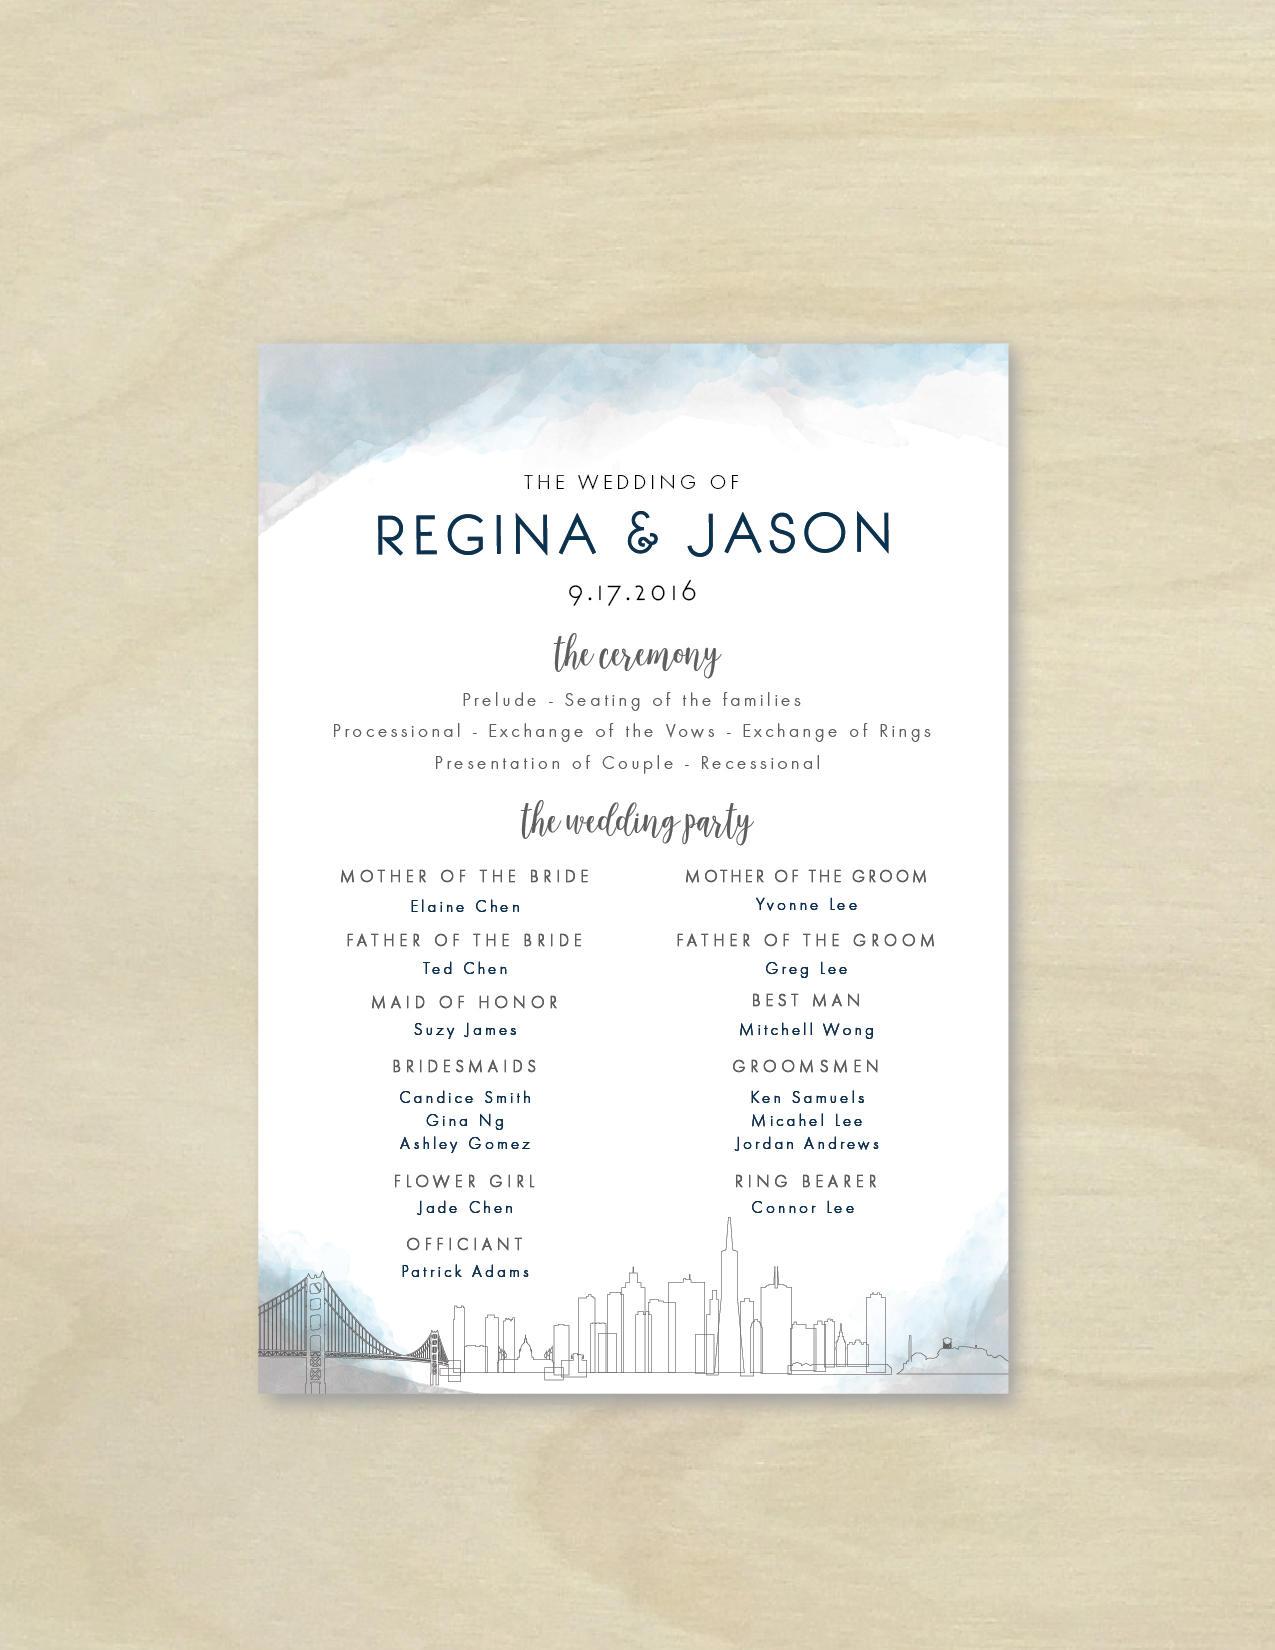 Großartig Einzigartige Hochzeitsprogramm Vorlagen Bilder ...